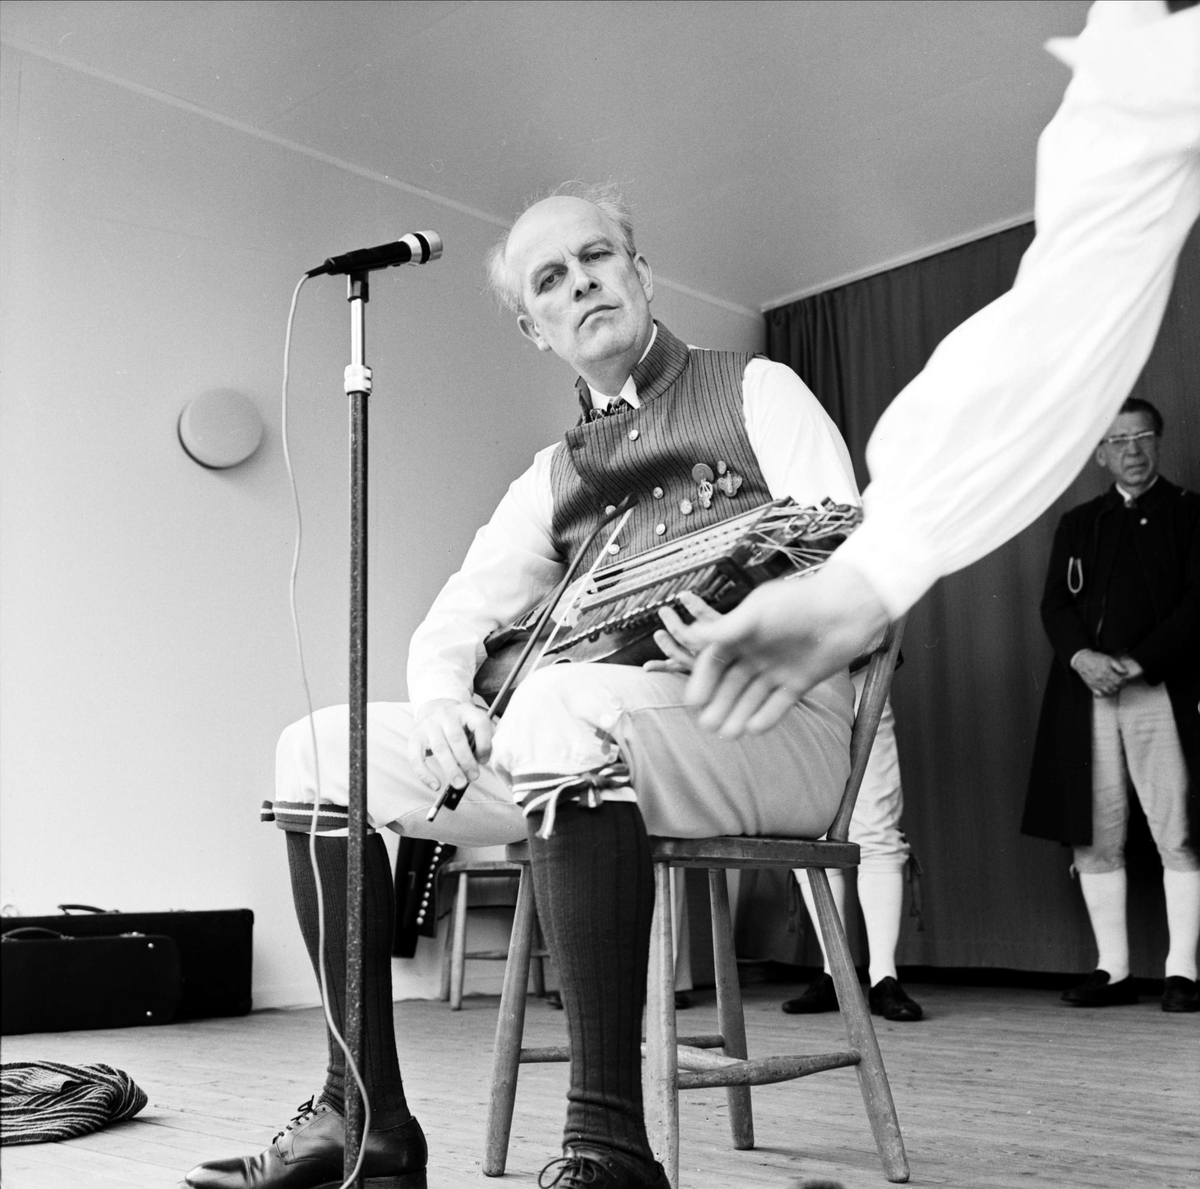 Nyckelharp- och fiolspelmannen Lars Erik Jansson på Upplandsschottisen, Tierpstrakten, Uppland juni 1973